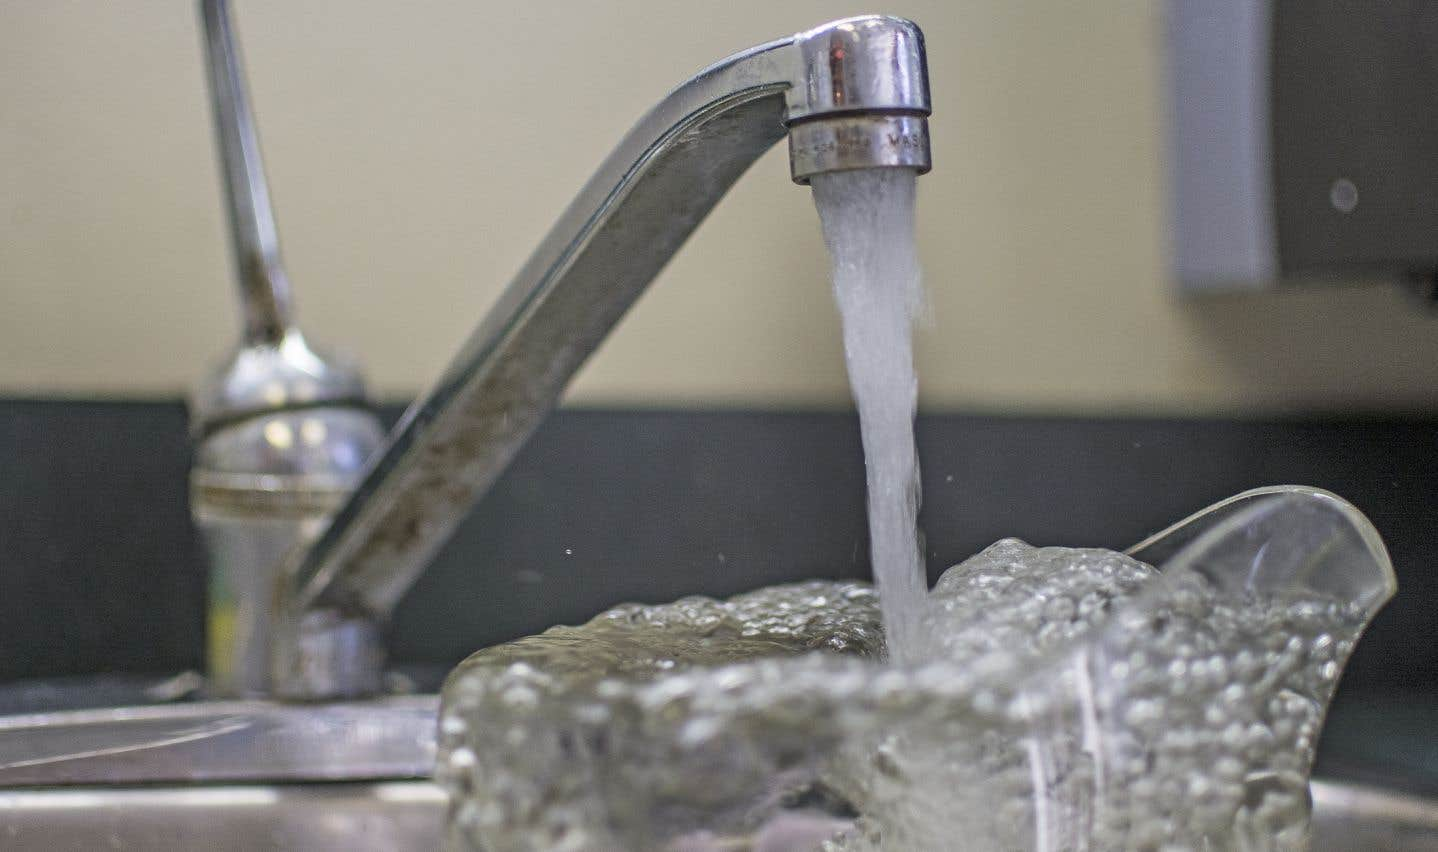 Les usines de Dorval et de Lachinesont désuètes et l'eau qu'elles fournissent a un arrière-goût.